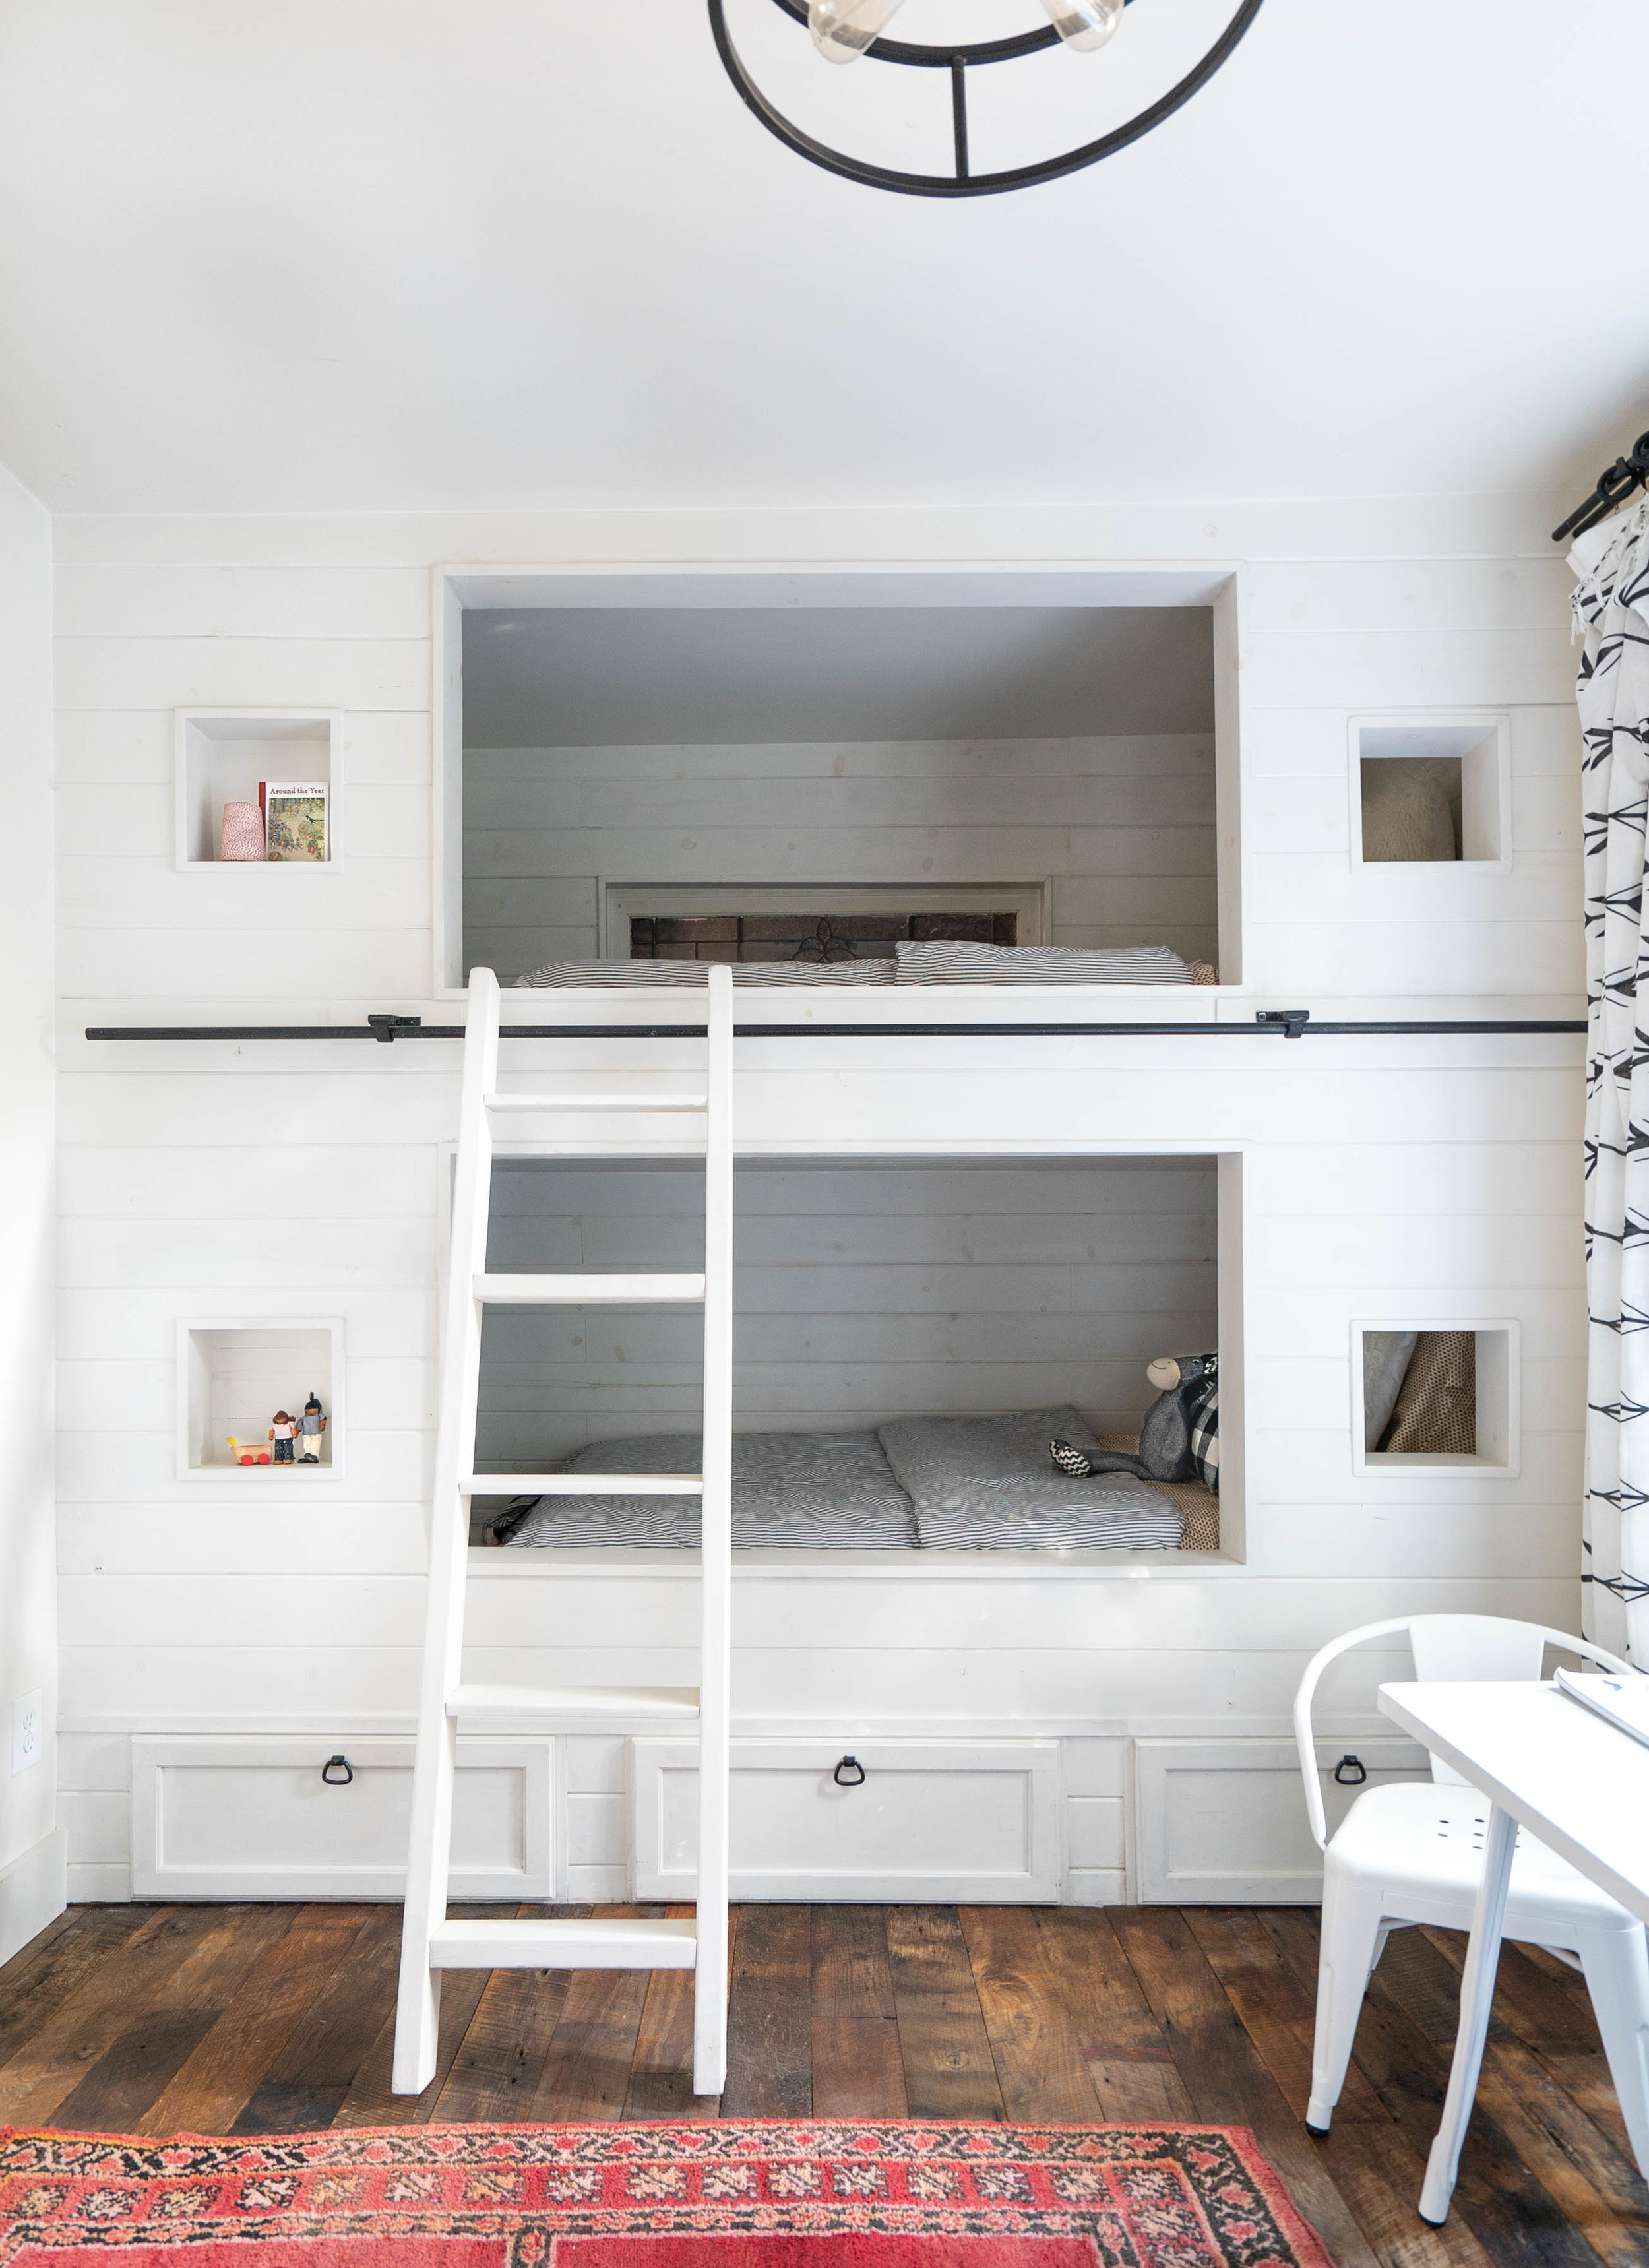 KF_ollies bedroom2.jpg